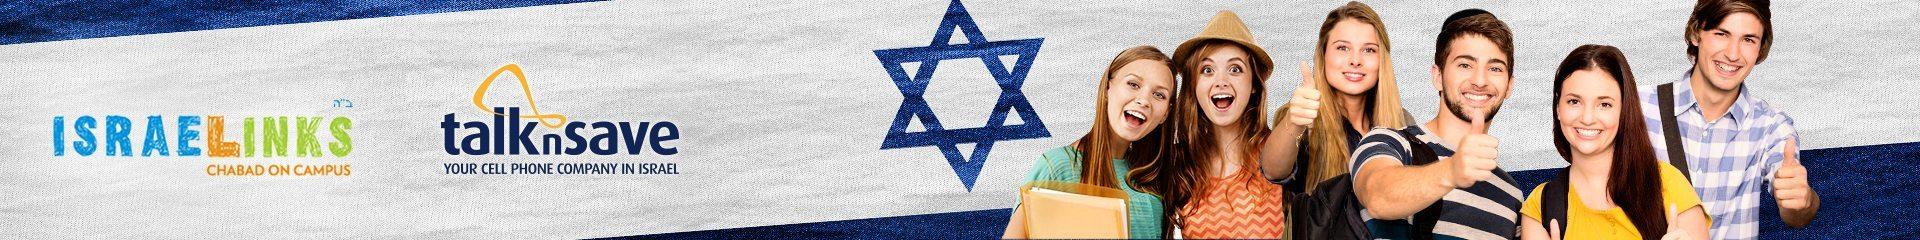 israelinks-banner